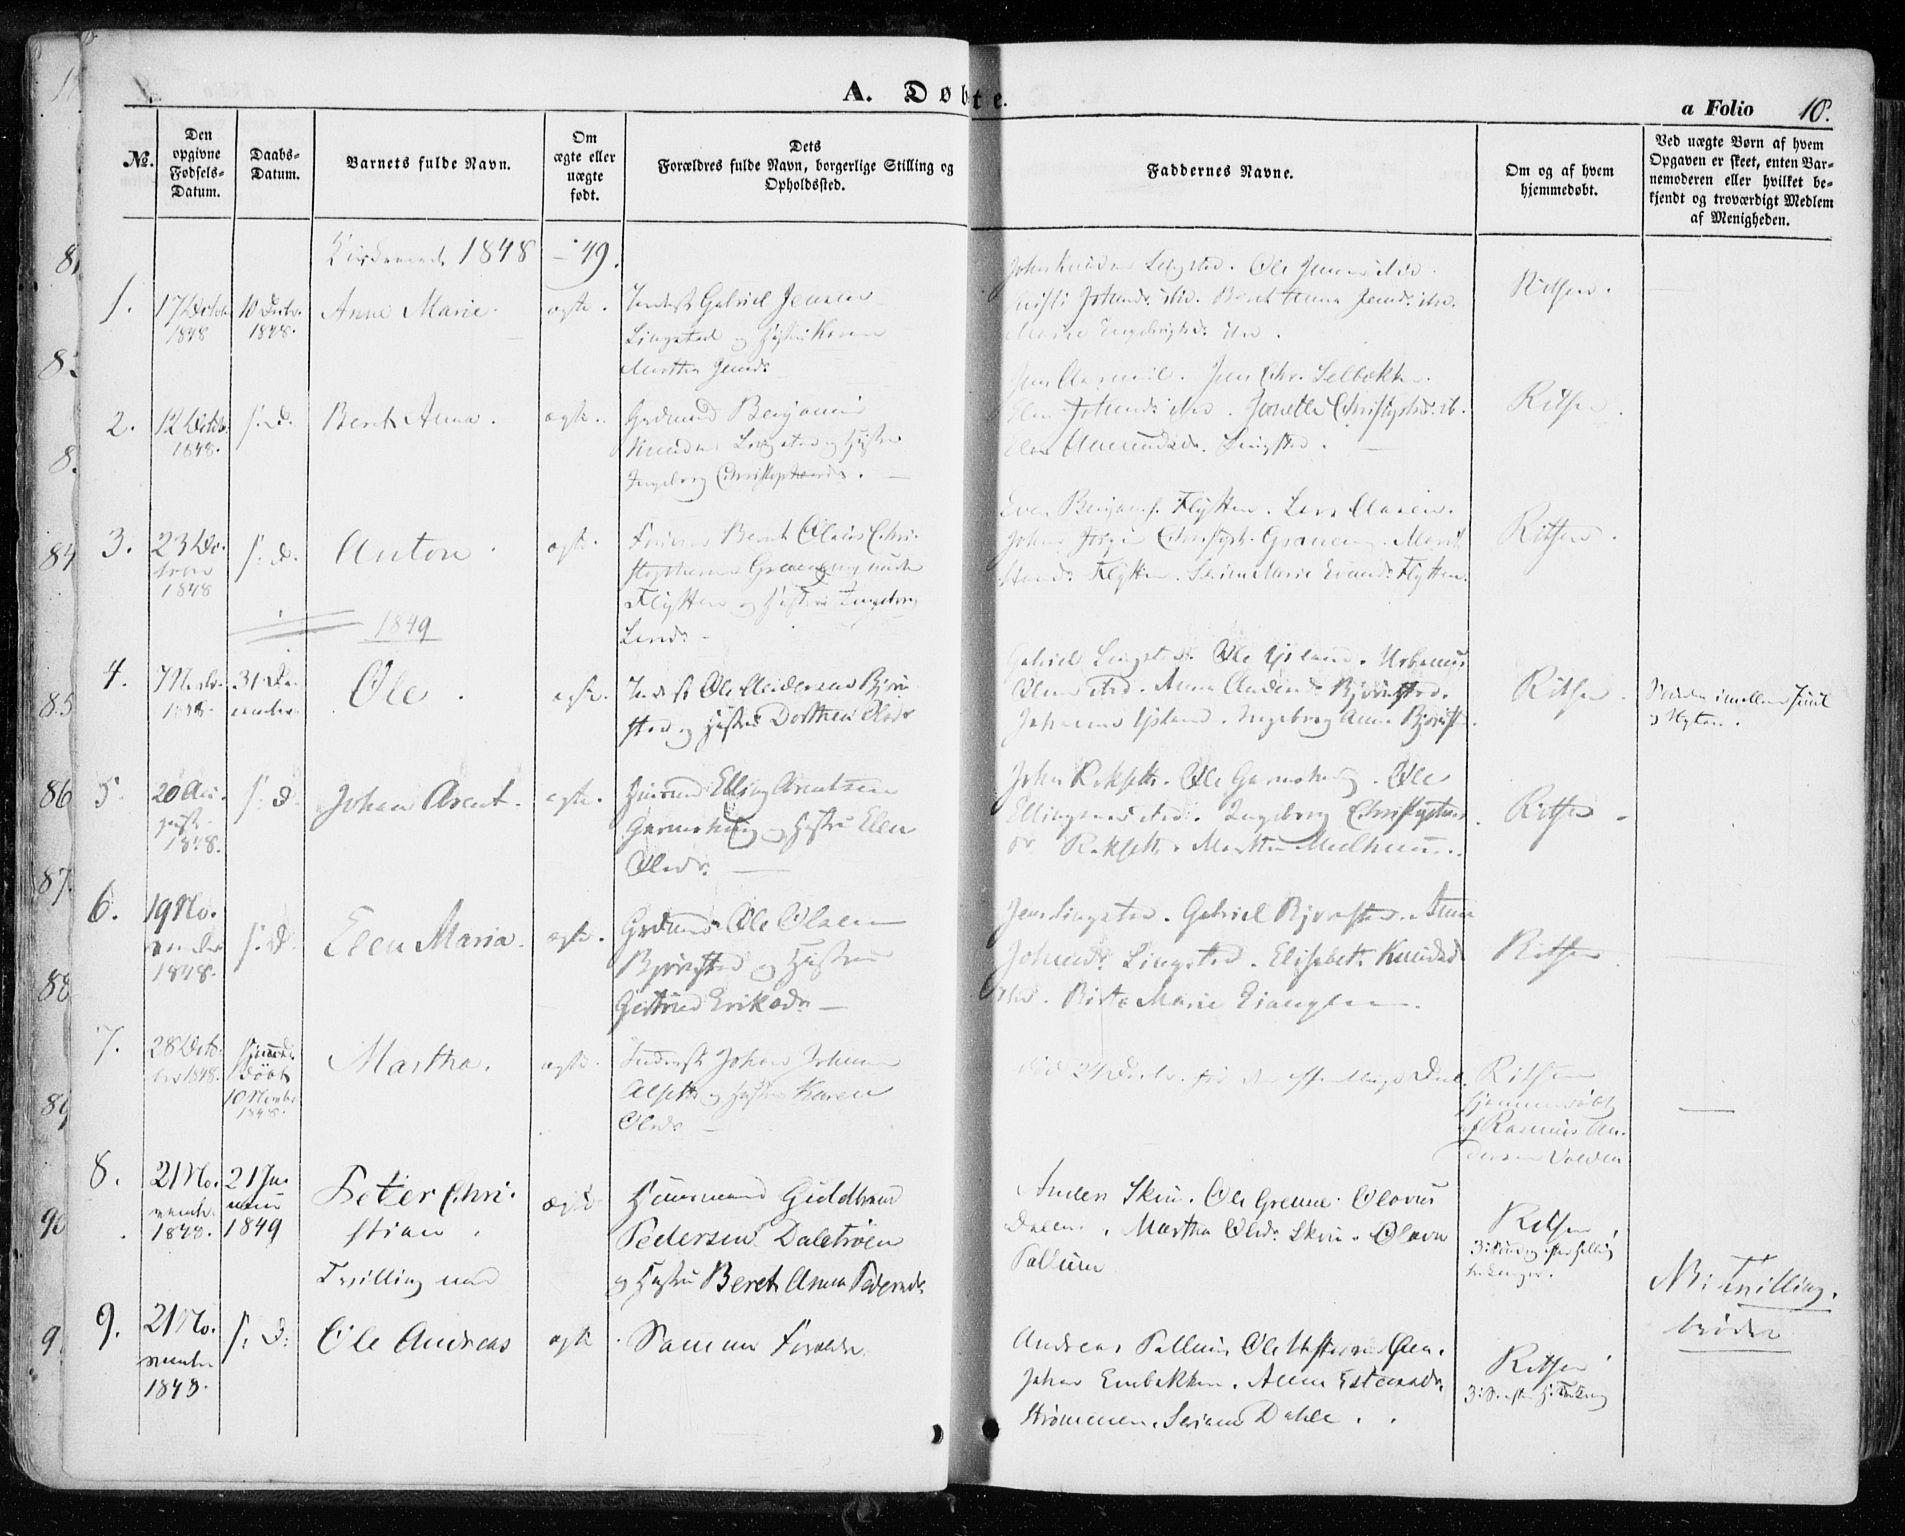 SAT, Ministerialprotokoller, klokkerbøker og fødselsregistre - Sør-Trøndelag, 646/L0611: Ministerialbok nr. 646A09, 1848-1857, s. 10